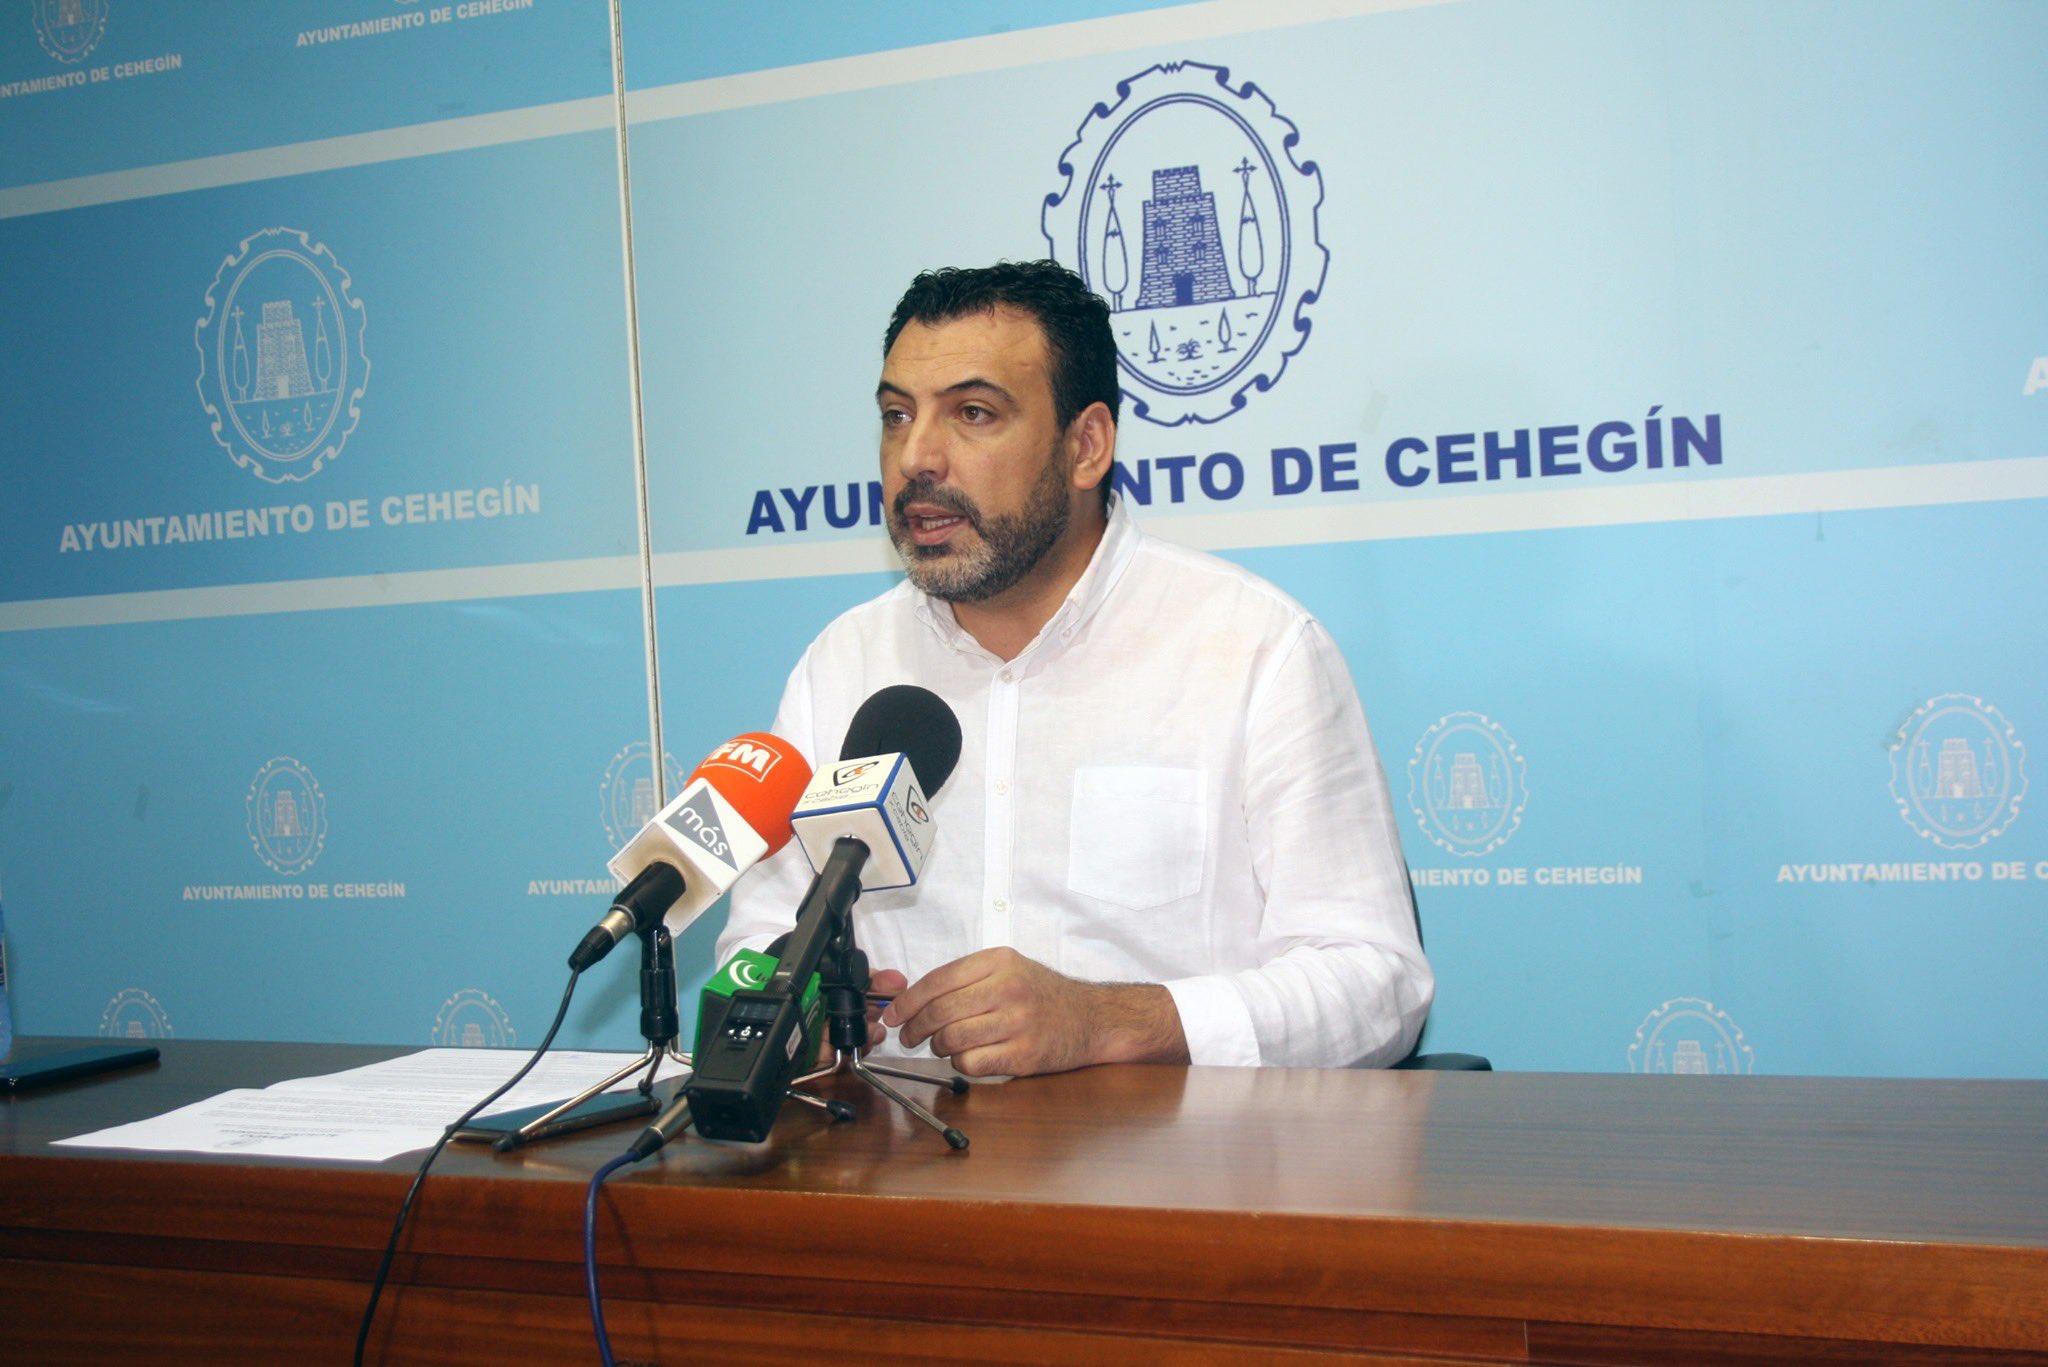 Jero Moya en RDP en el Ayuntamiento de Cehegín